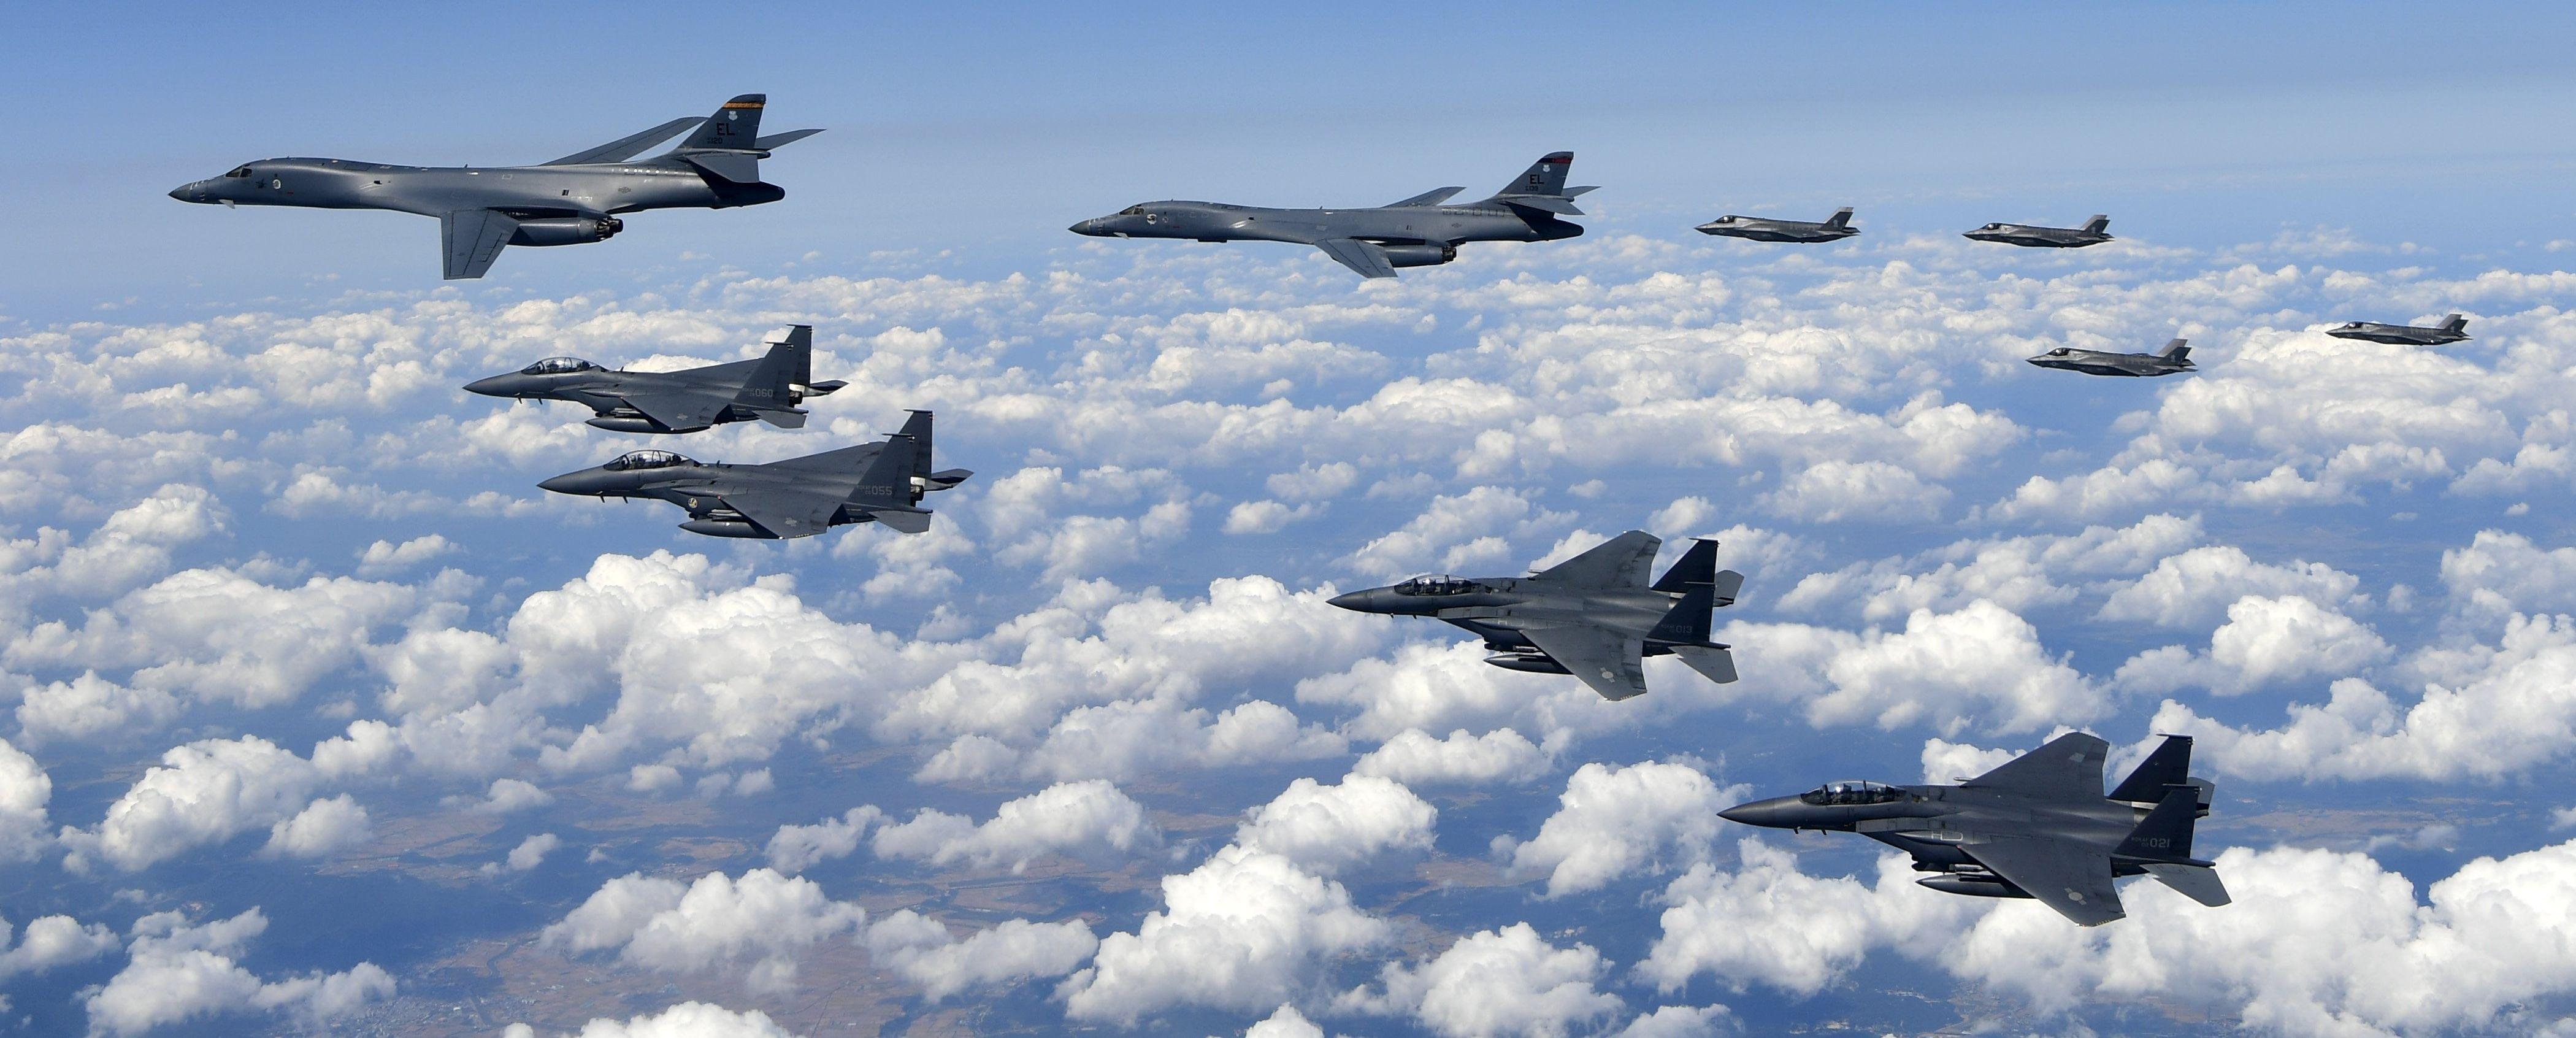 Američki bombarderi letjeli blizu sjevernokorejske obale